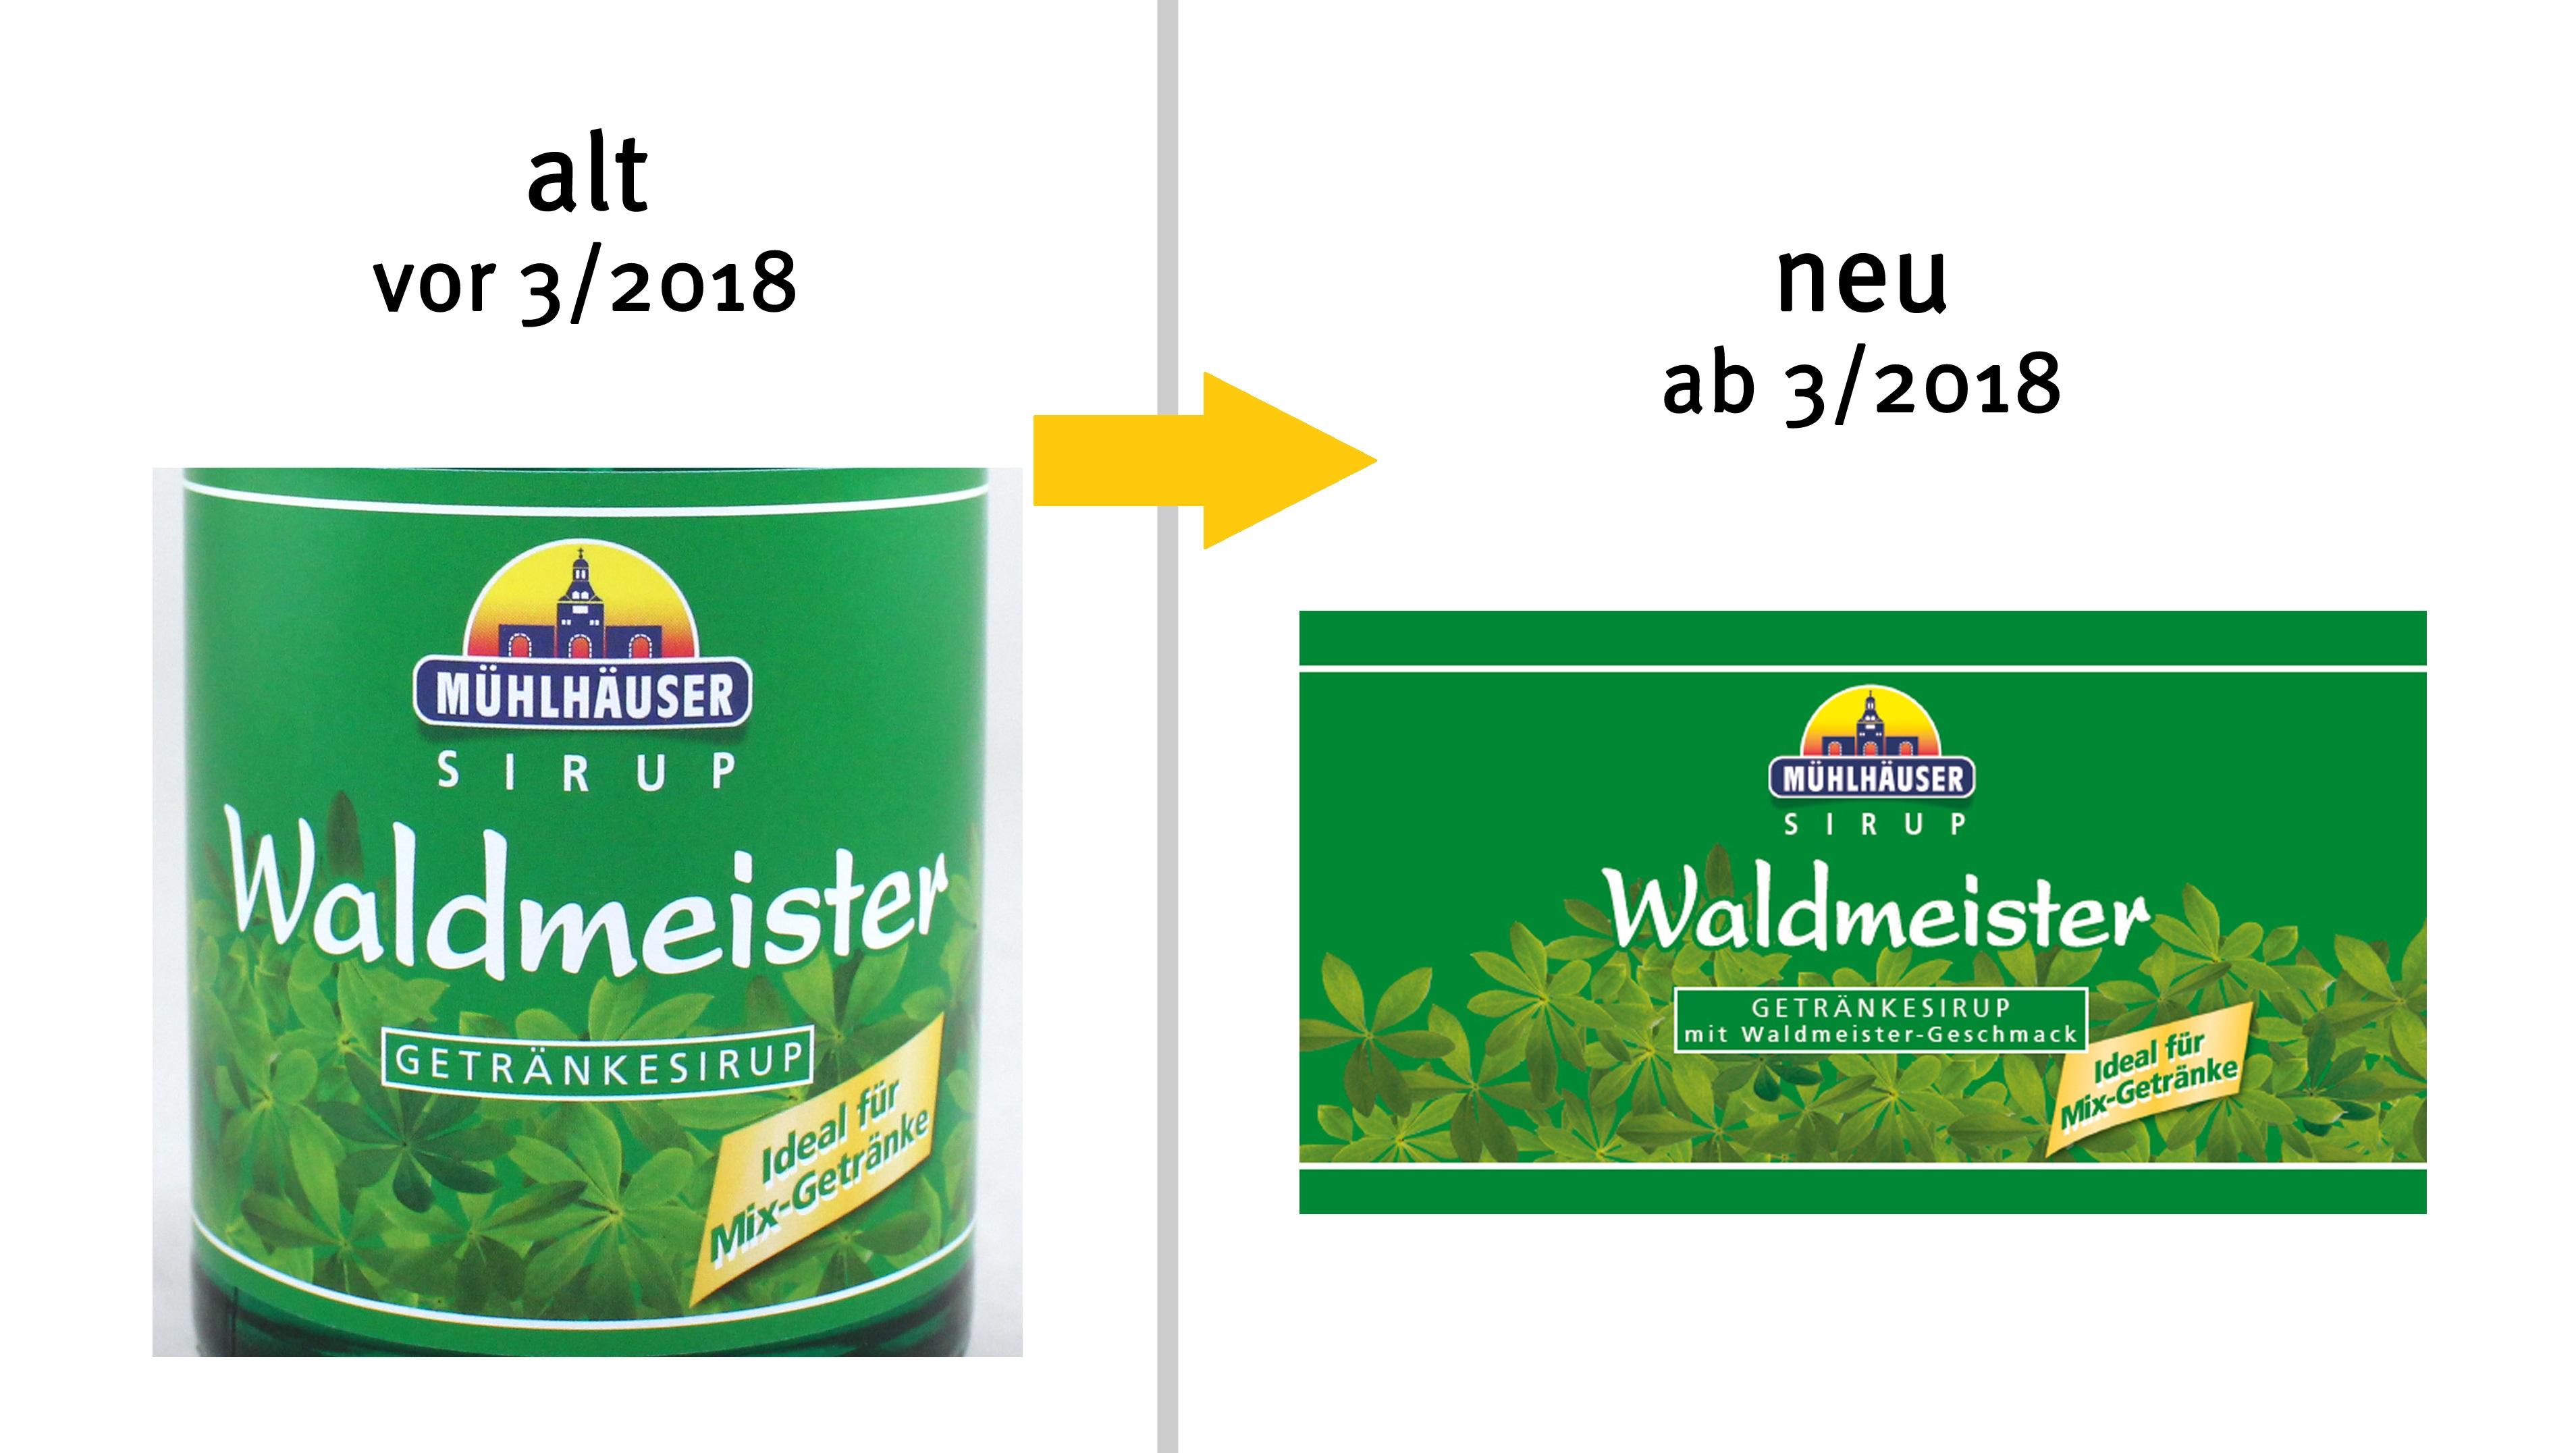 Mühlhäuser Waldmeister Getränkesirup mit Waldmeister-Geschmack ...